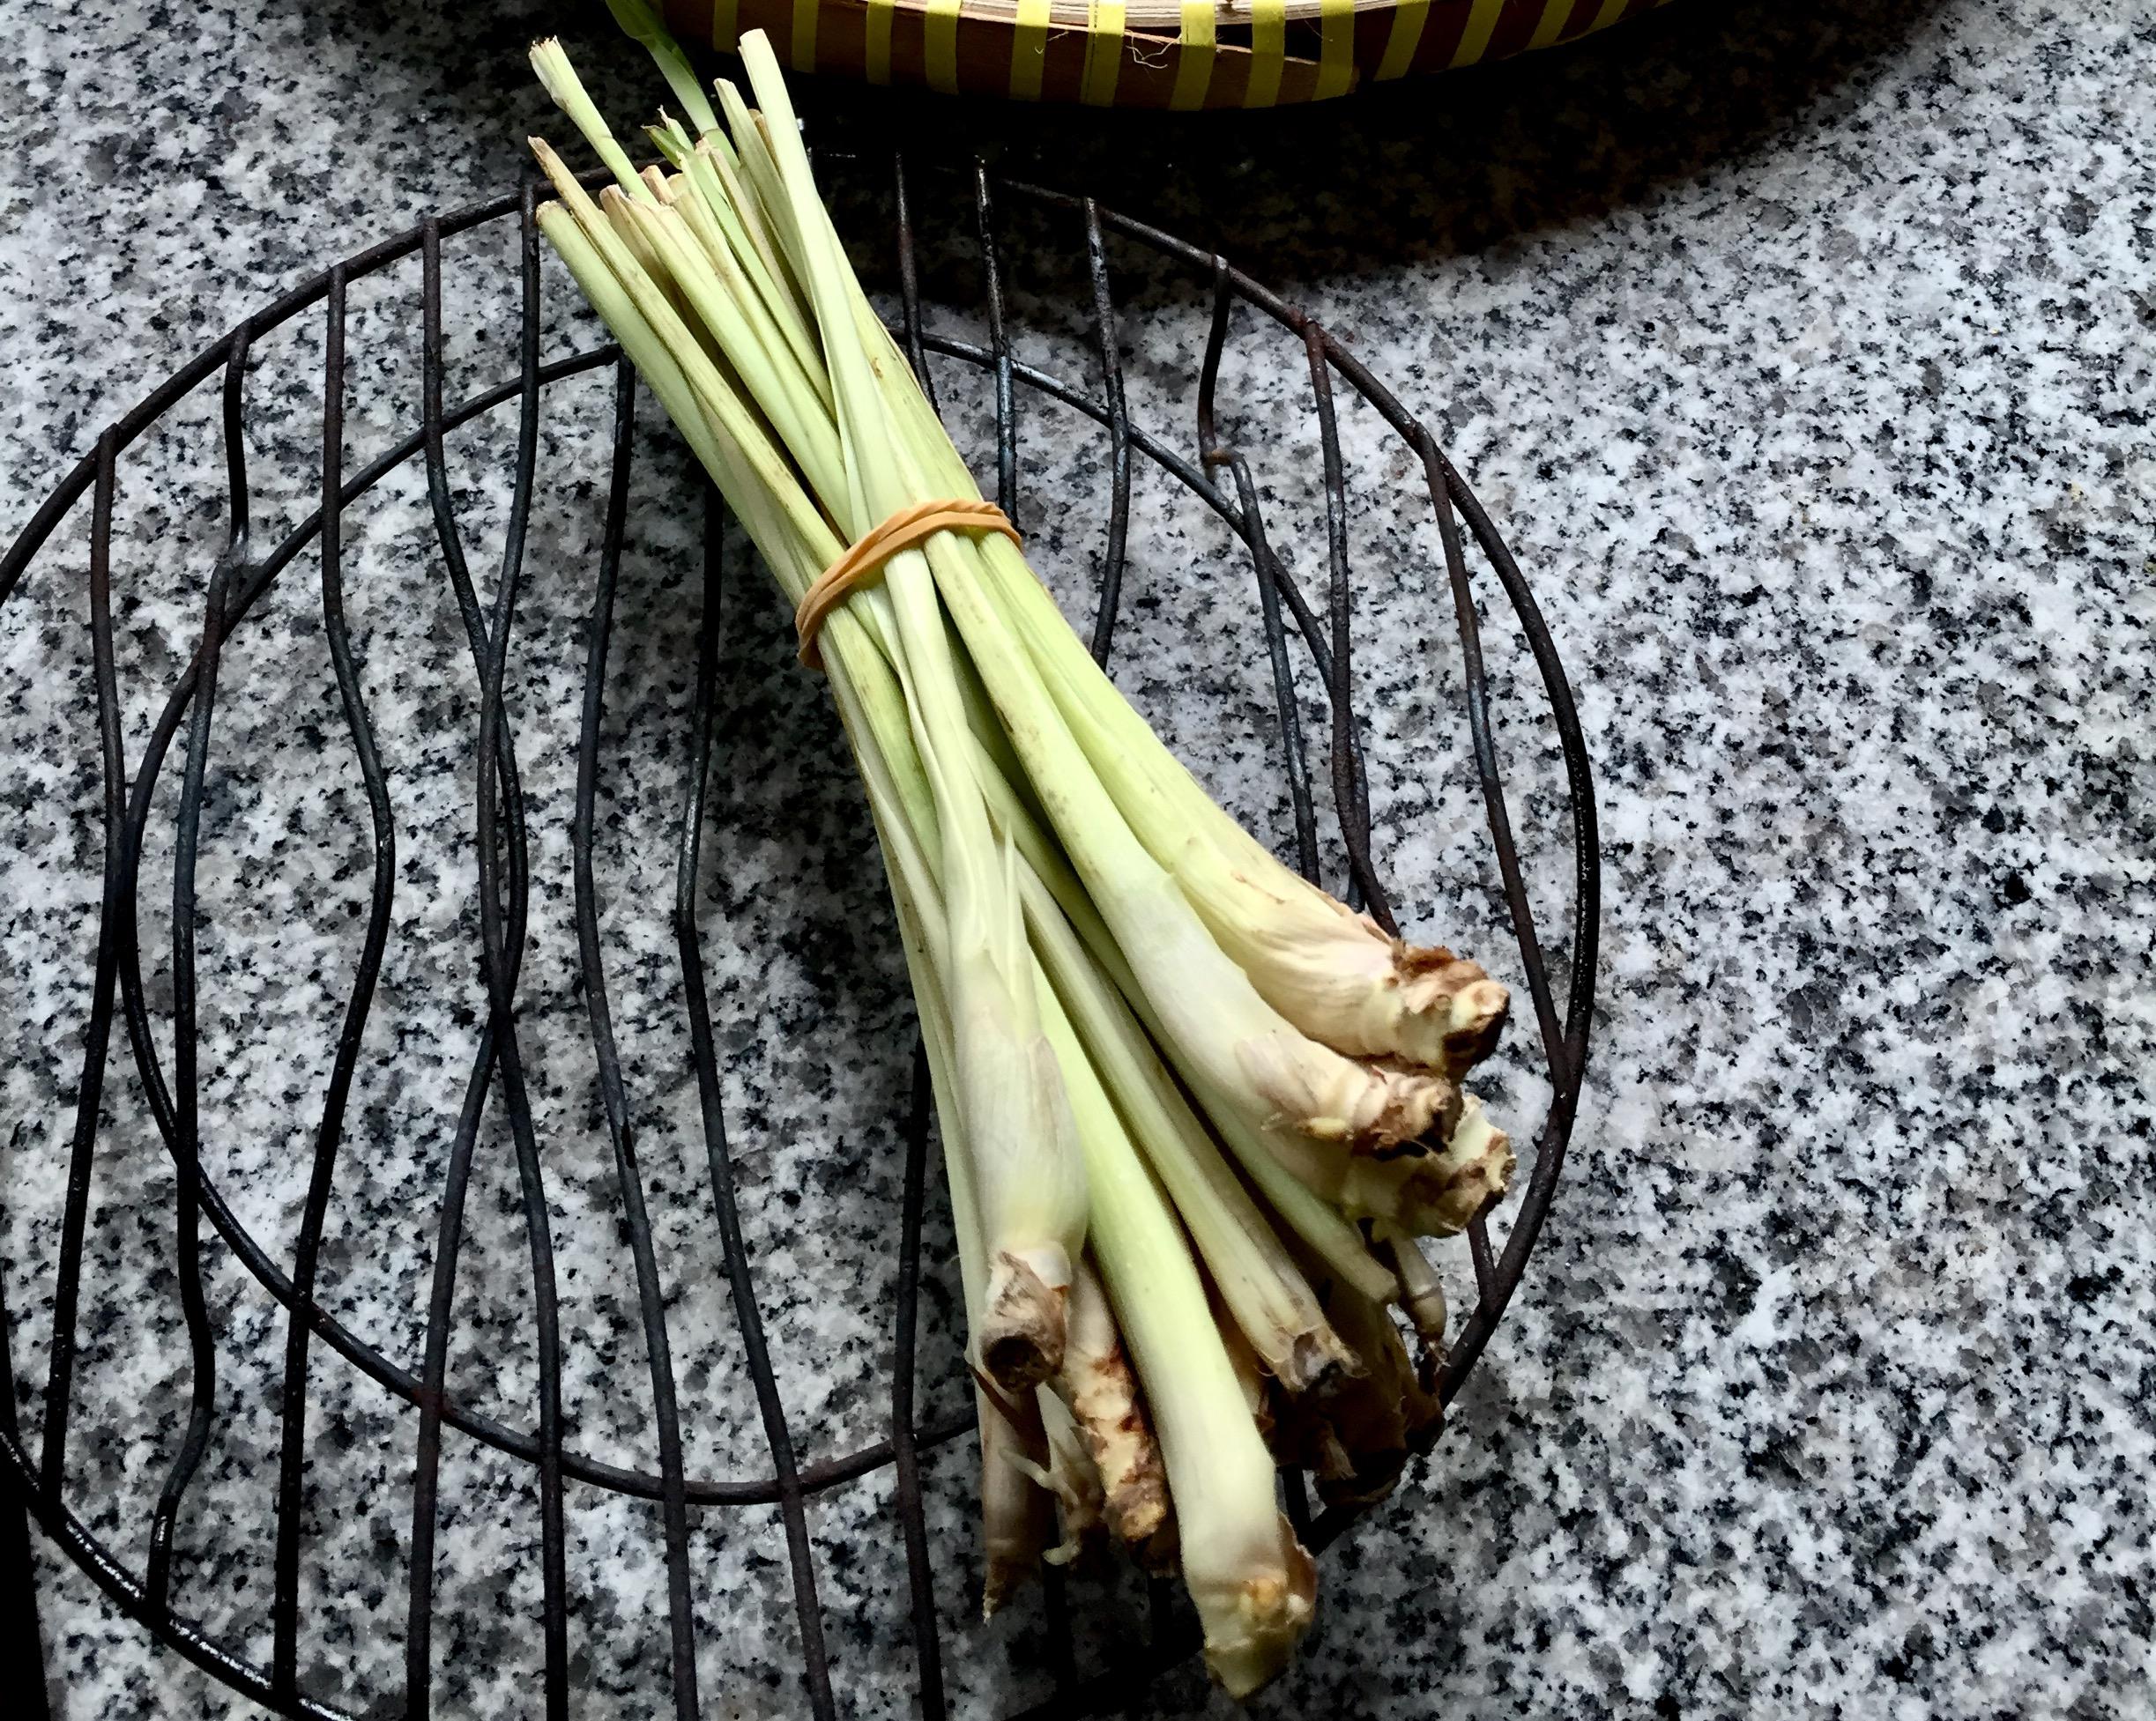 A stalk of fresh lemongrass